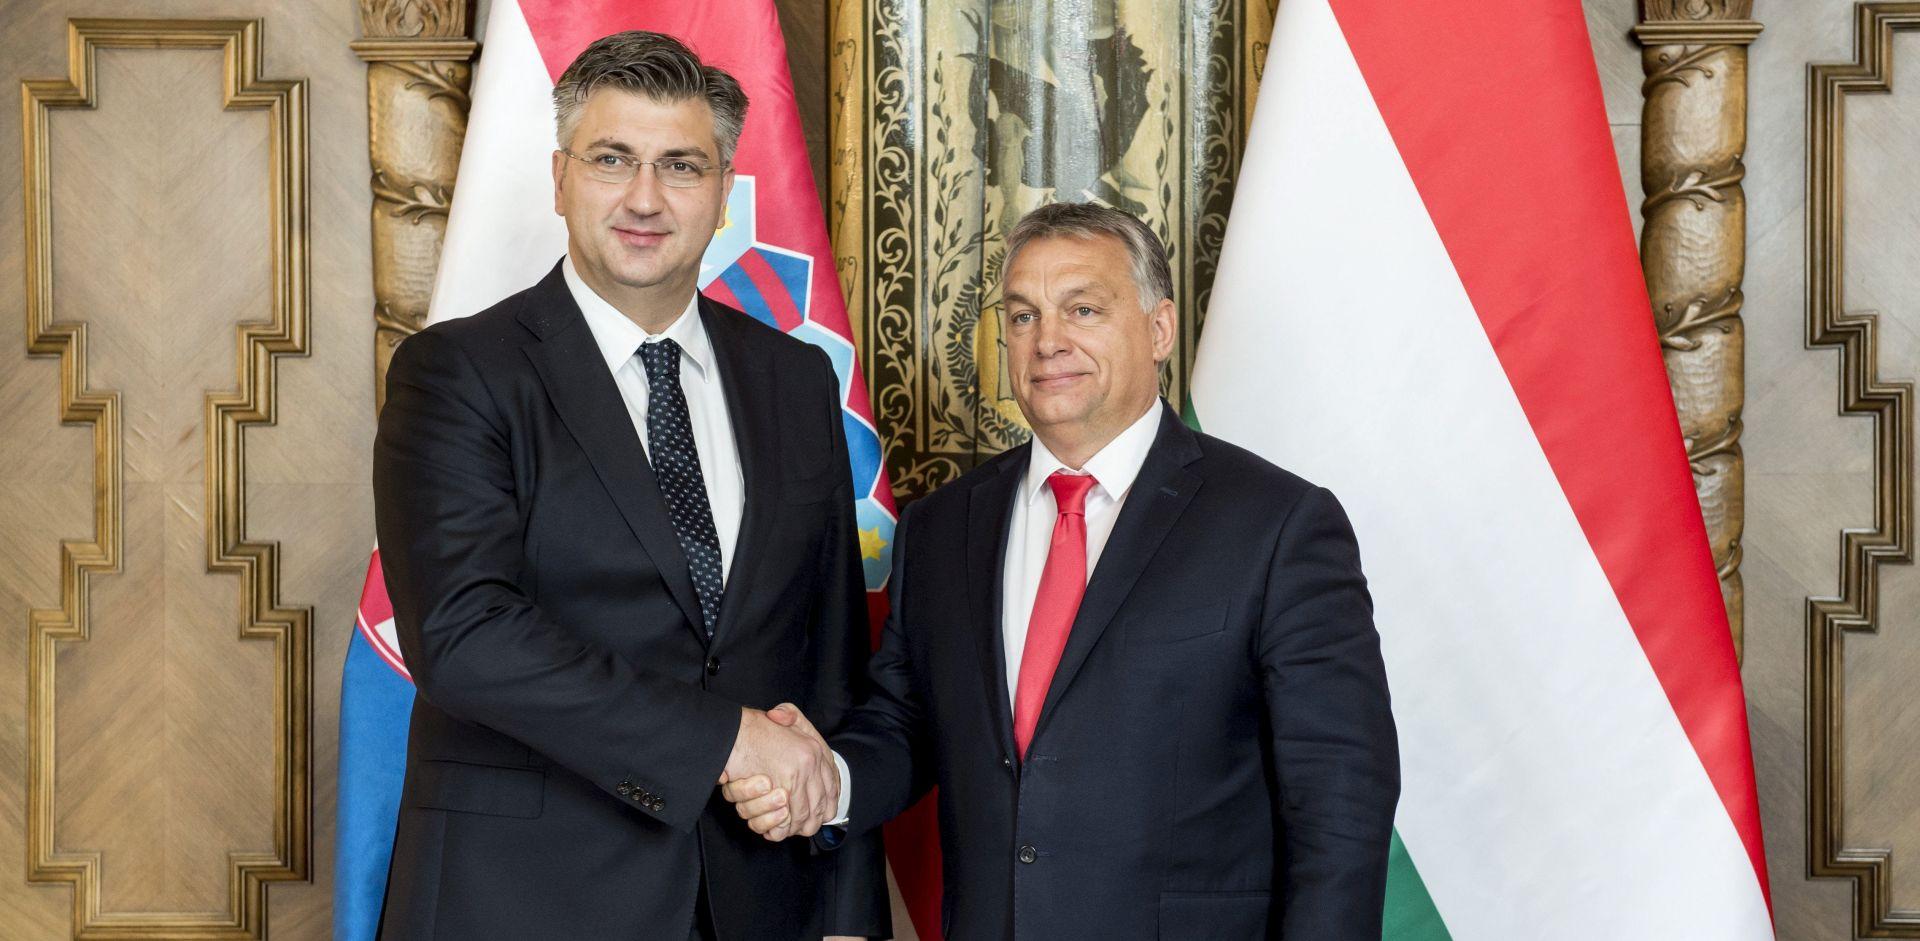 ORBAN: Tko napadne Poljsku napada cijelu srednju Europu